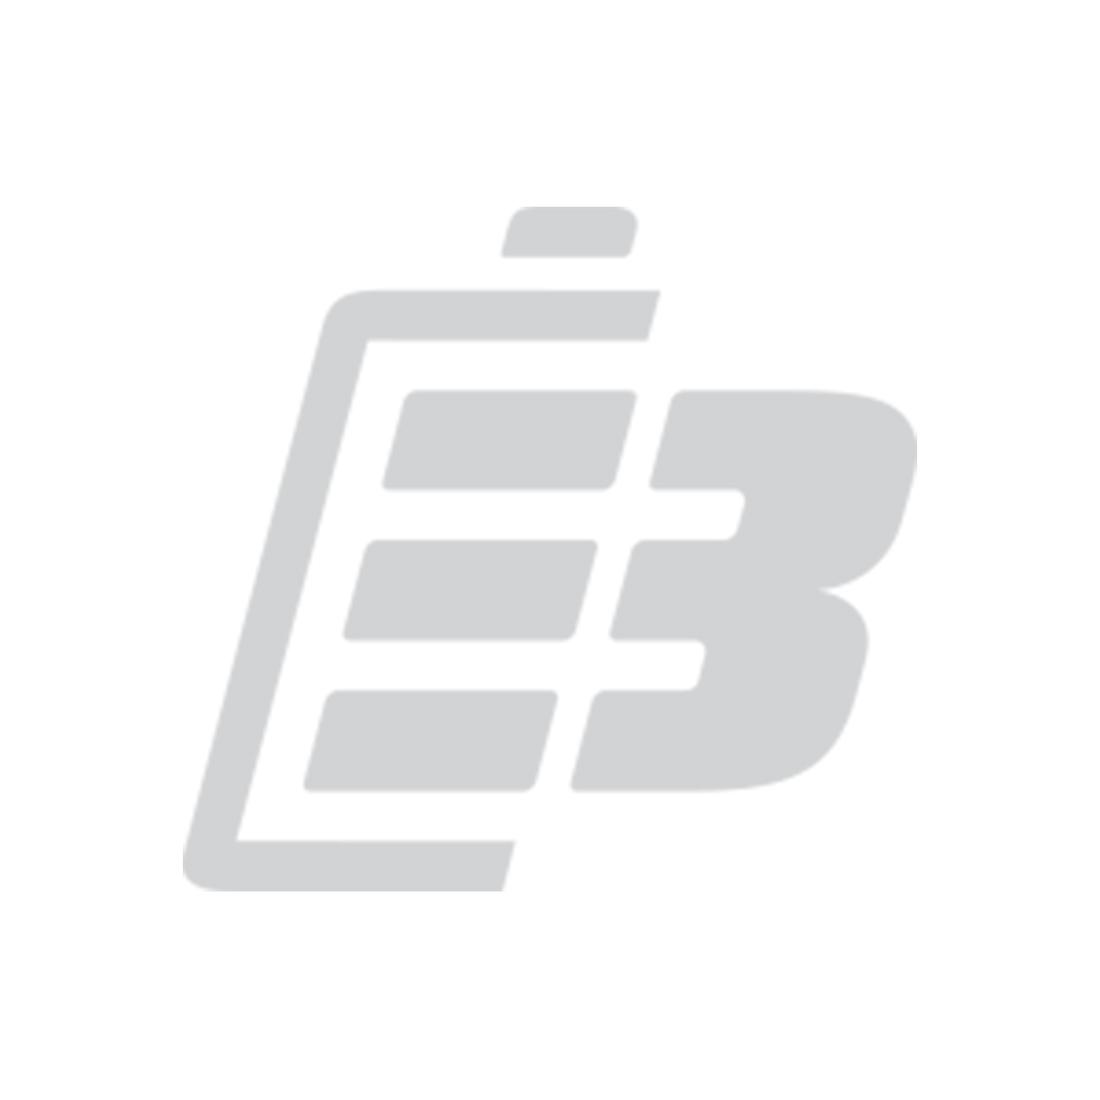 Μπαταρια Μολυβδου Multipower 6V 3.3Ah